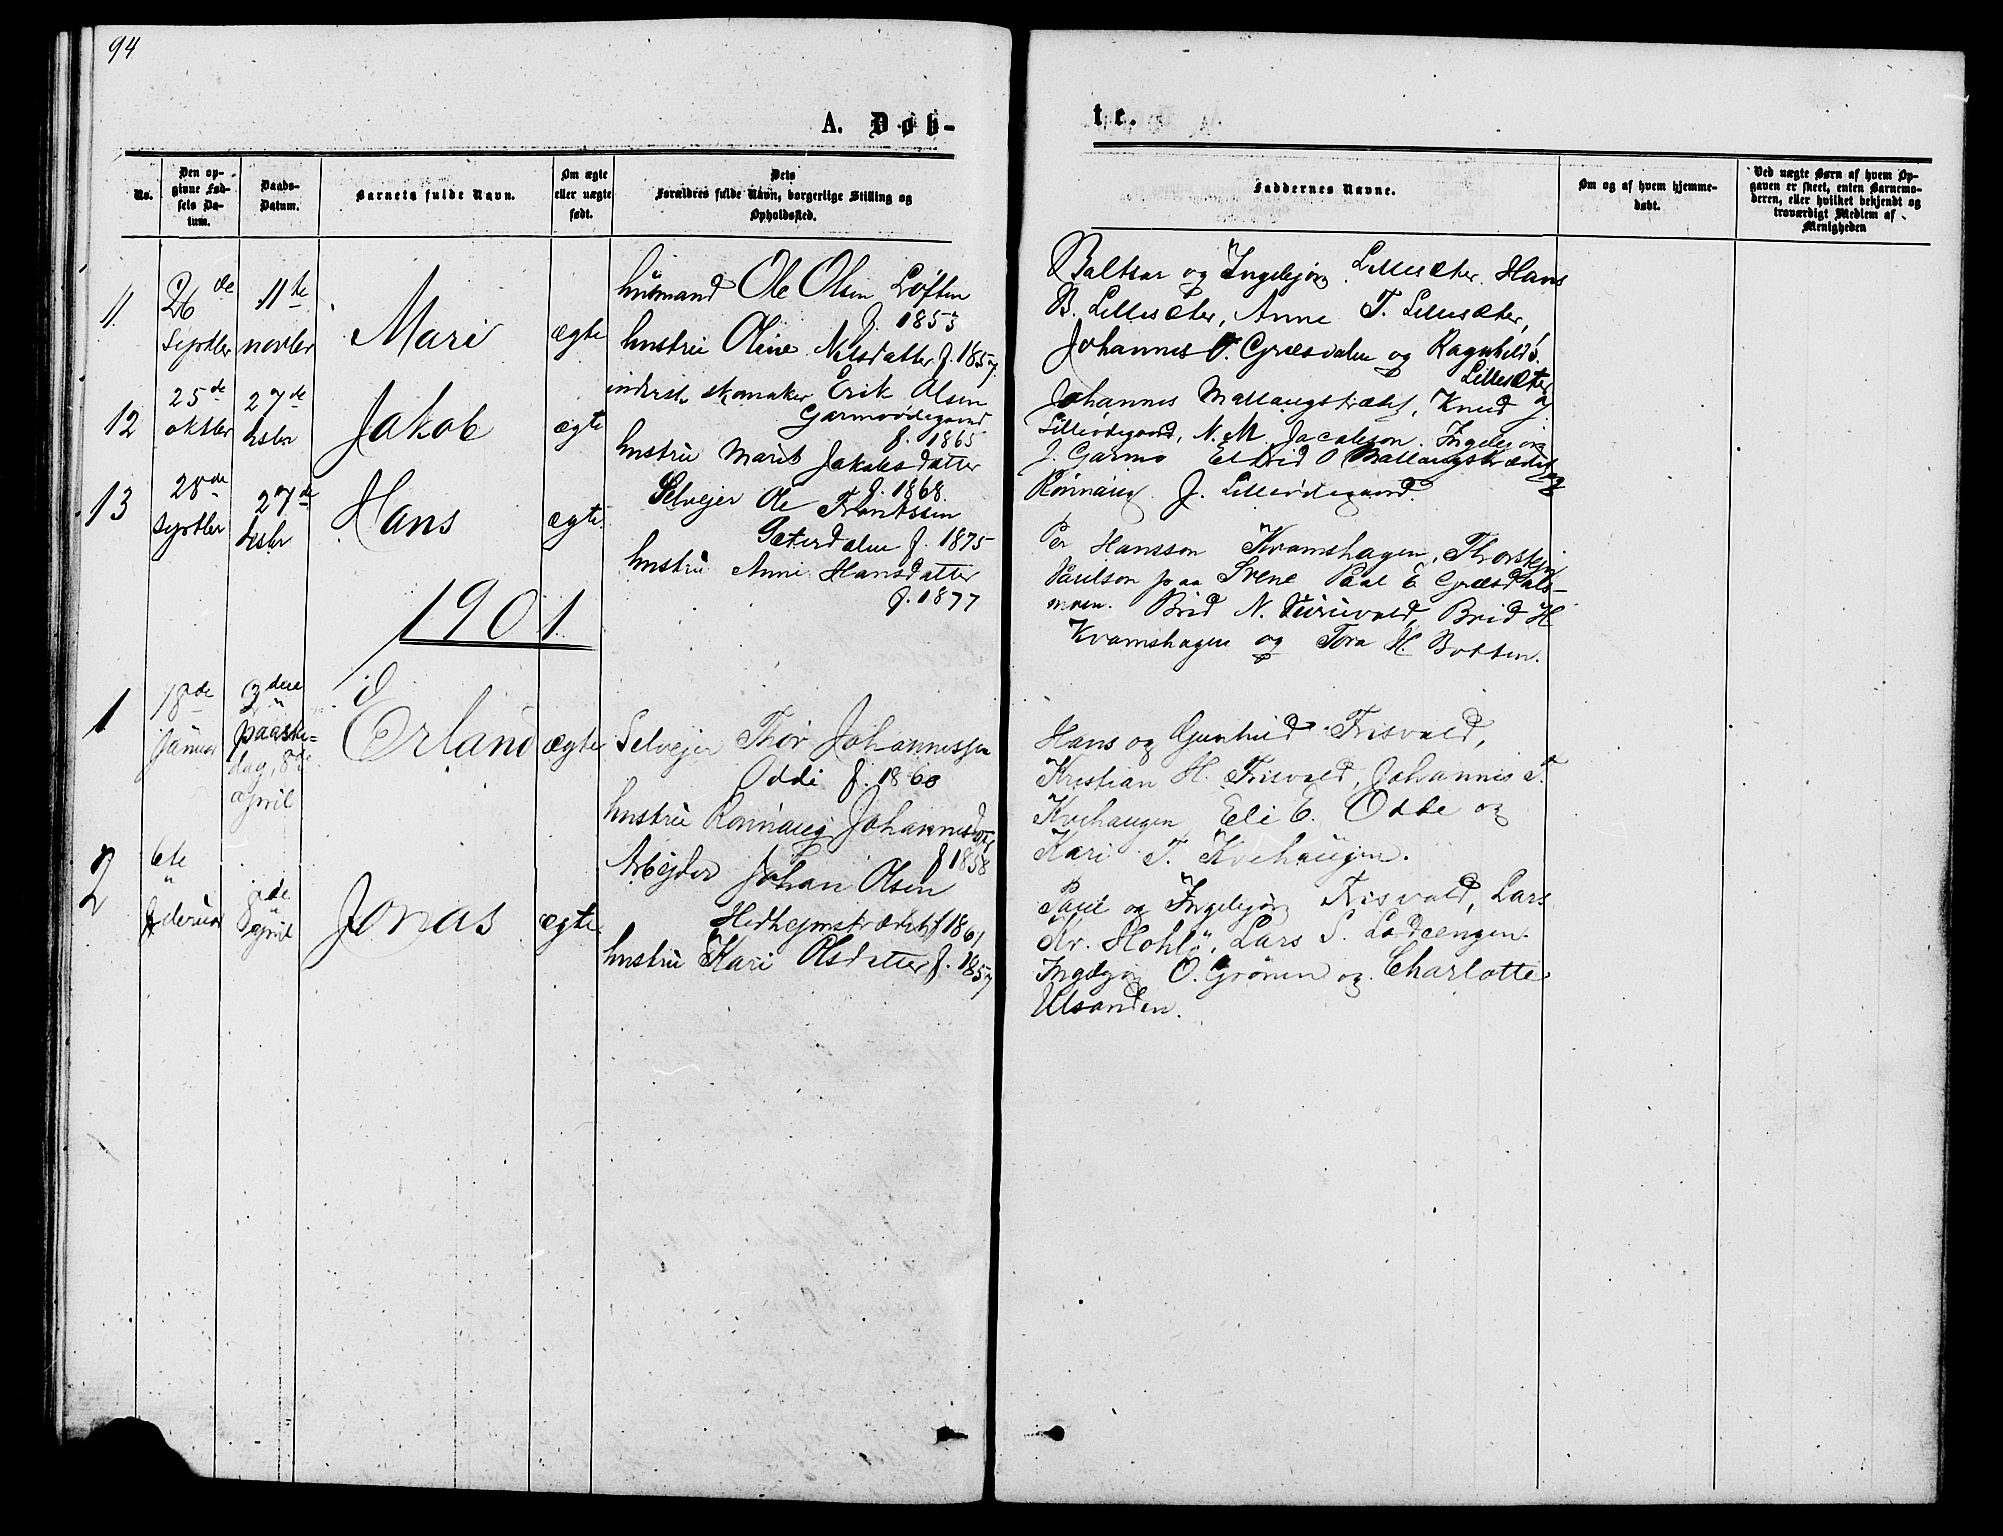 SAH, Lom prestekontor, L/L0005: Klokkerbok nr. 5, 1876-1901, s. 94-95